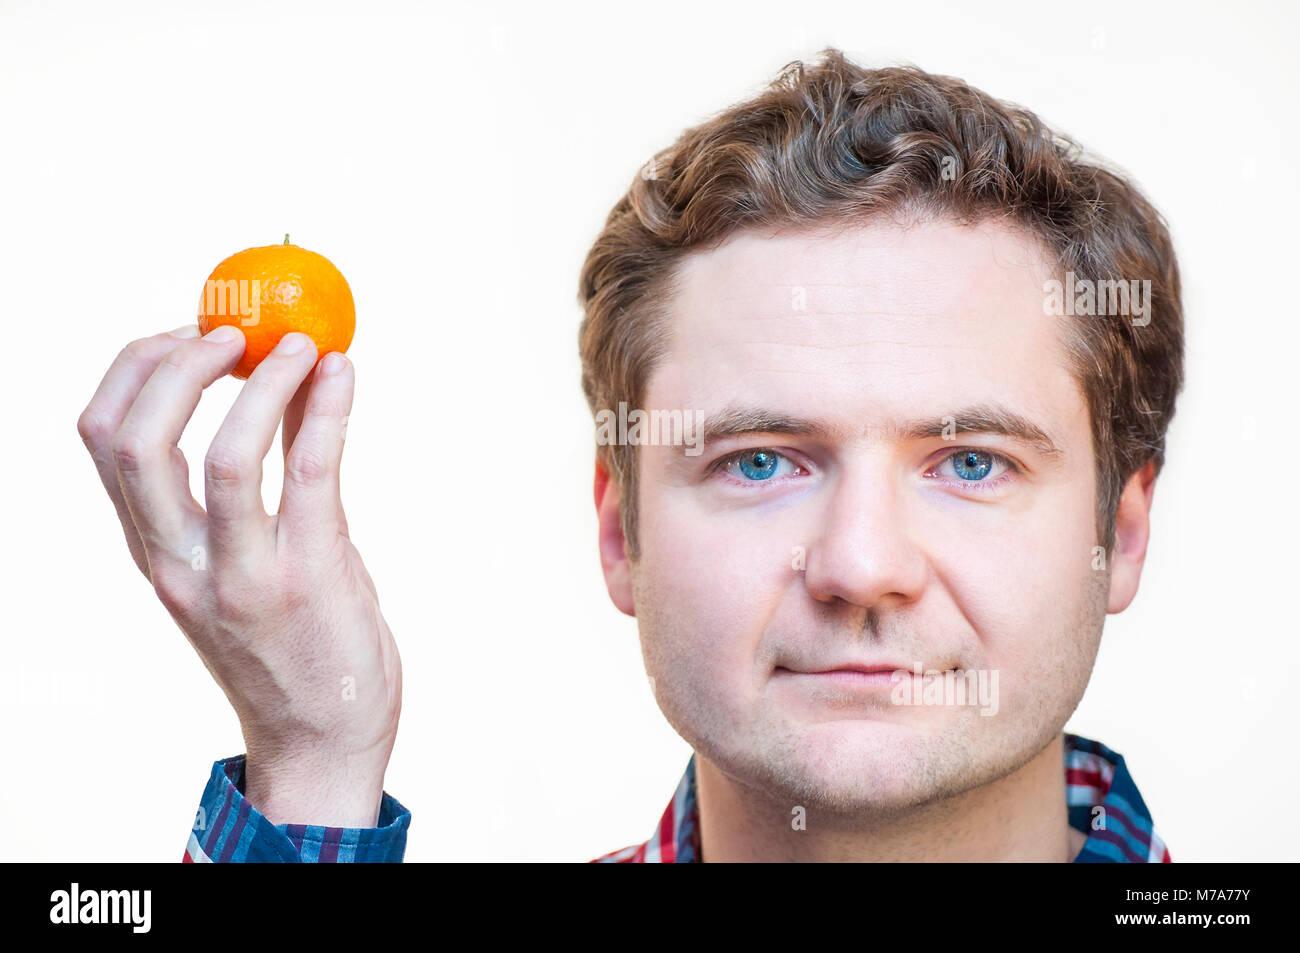 Porträt der jungen blauäugigen kaukasischen Ethnie Mann, Tangerine in der Rechten in der Nähe seinen Stockbild